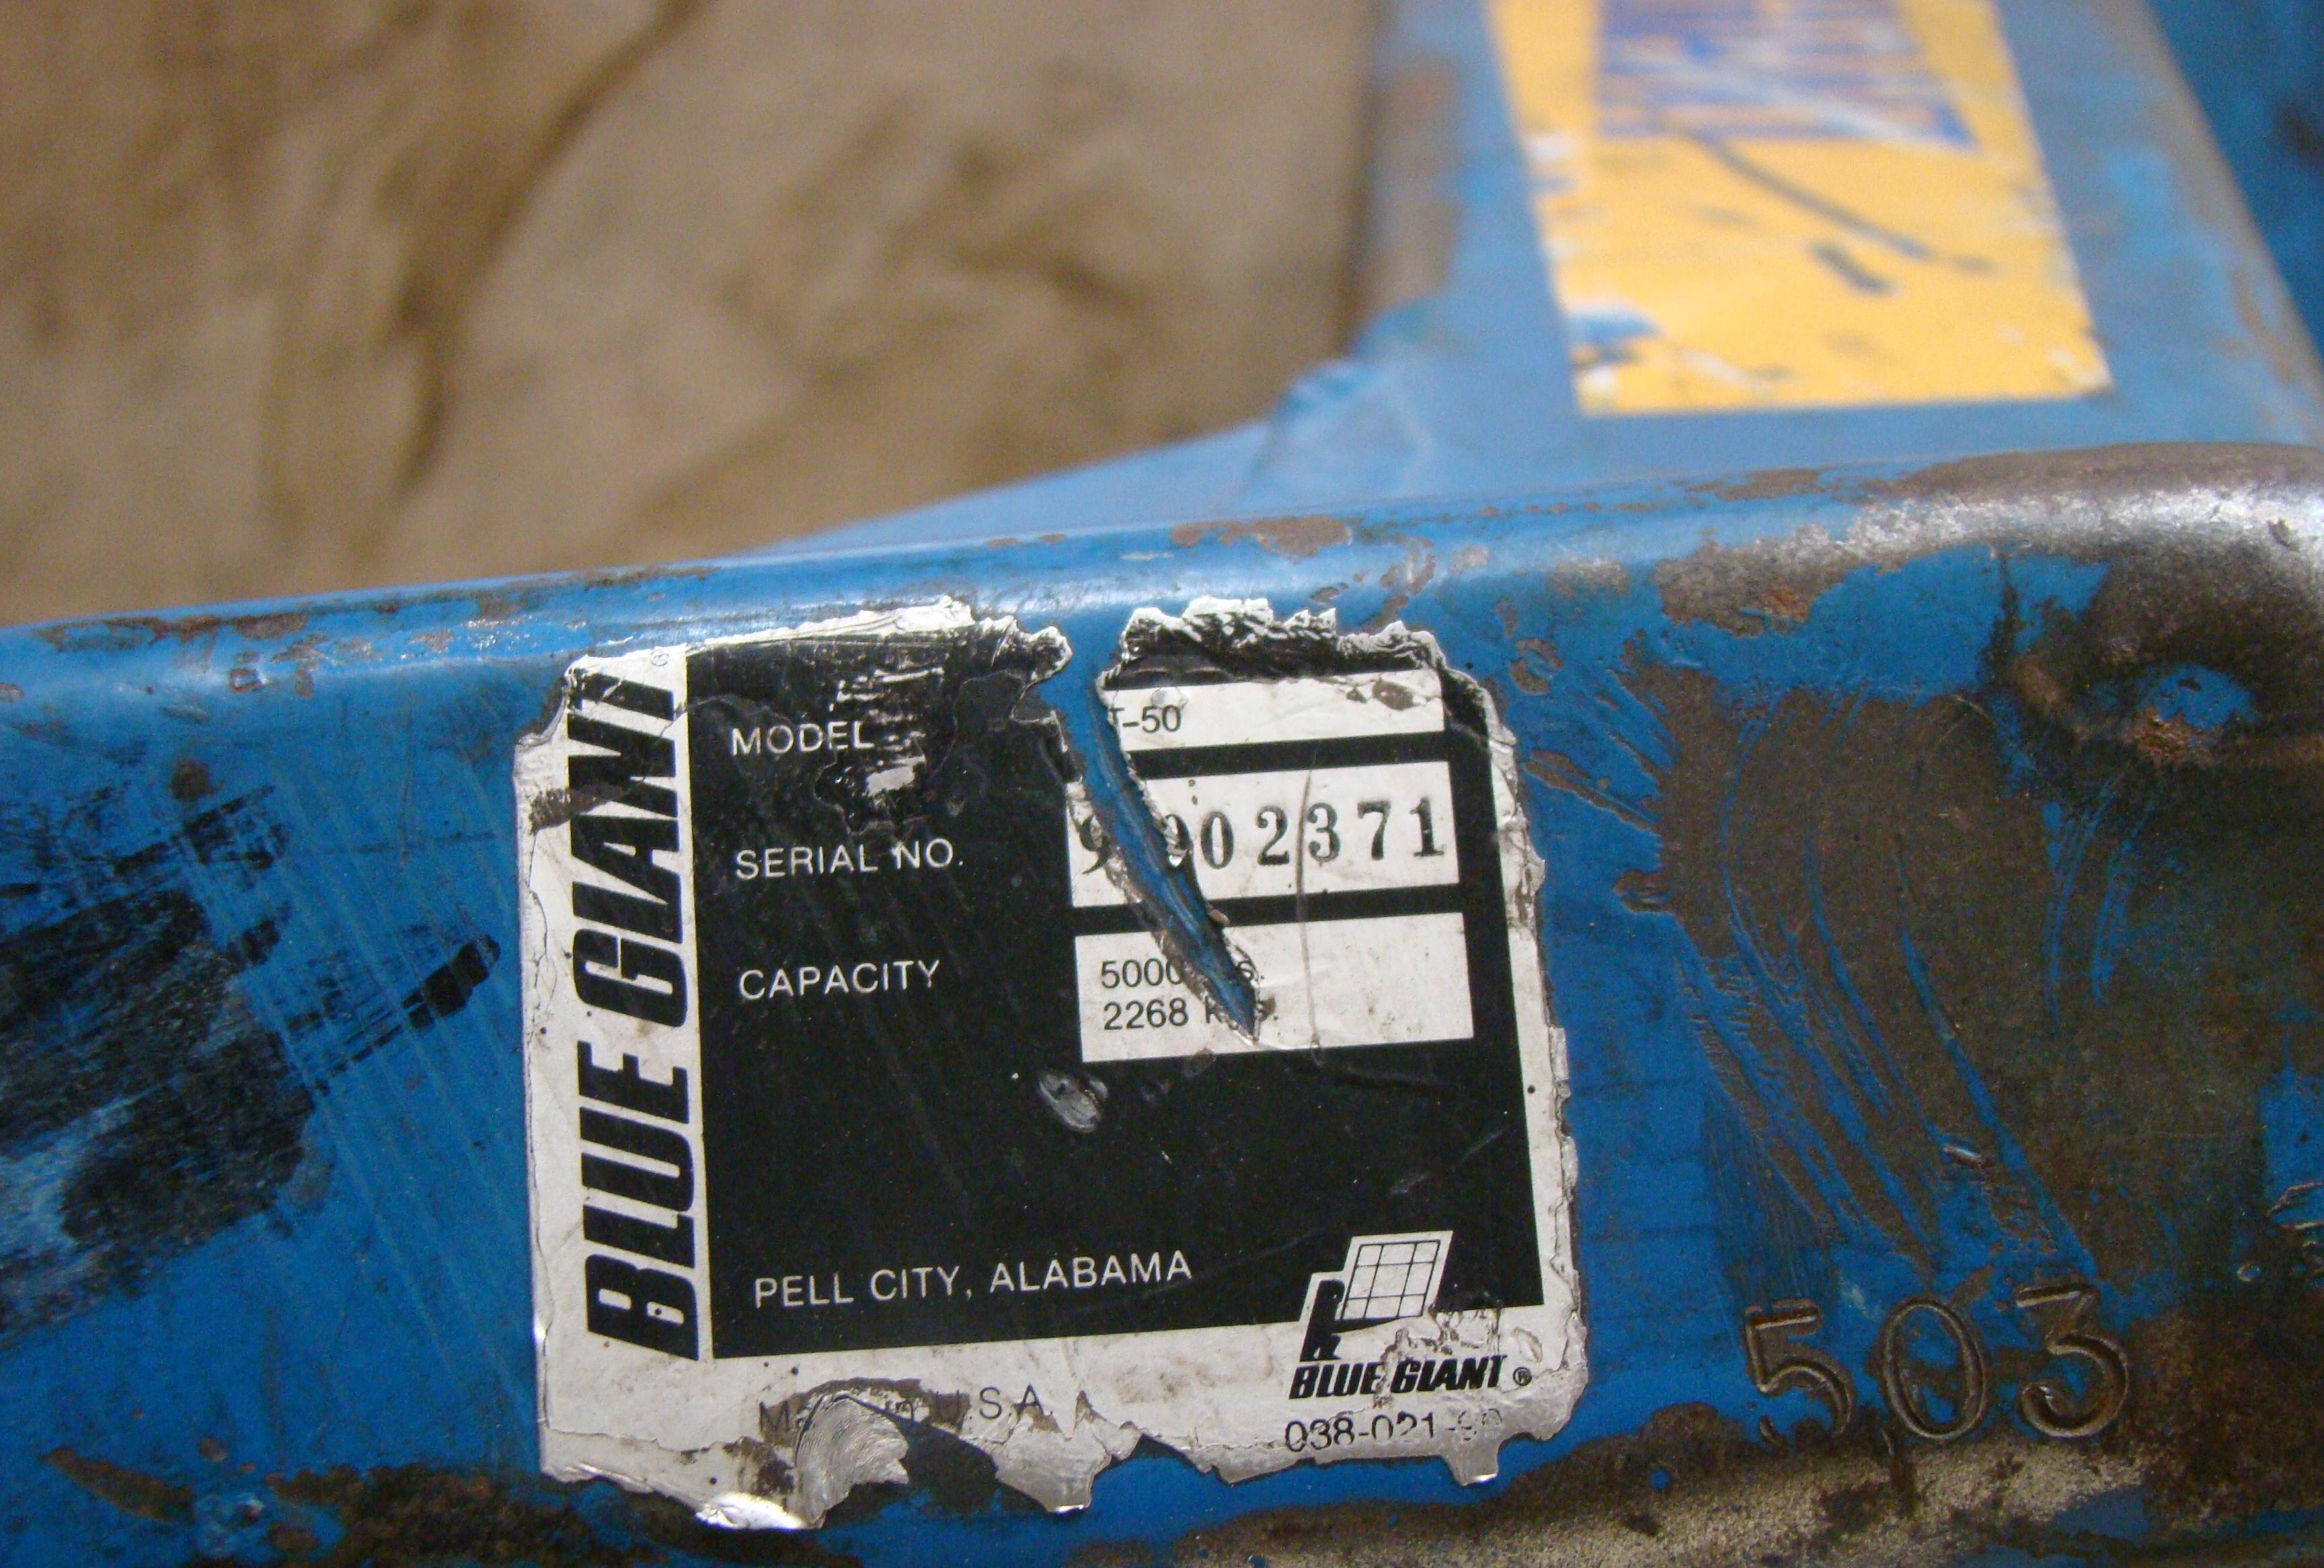 Blue Giant Pallet Jack, Model T50 - Image 4 of 4